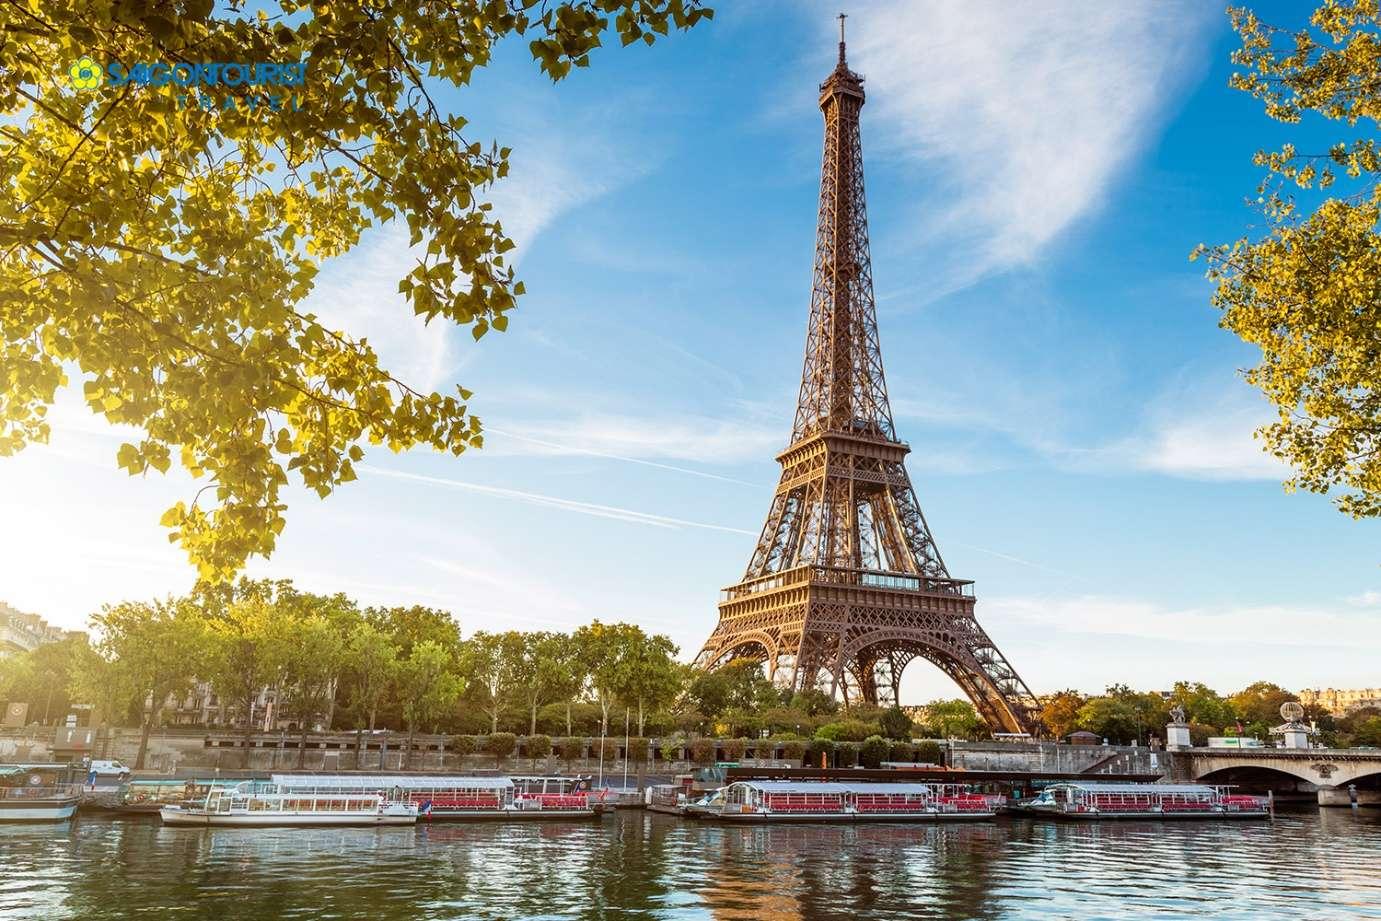 Pháp mộng mơ, lãng mạn